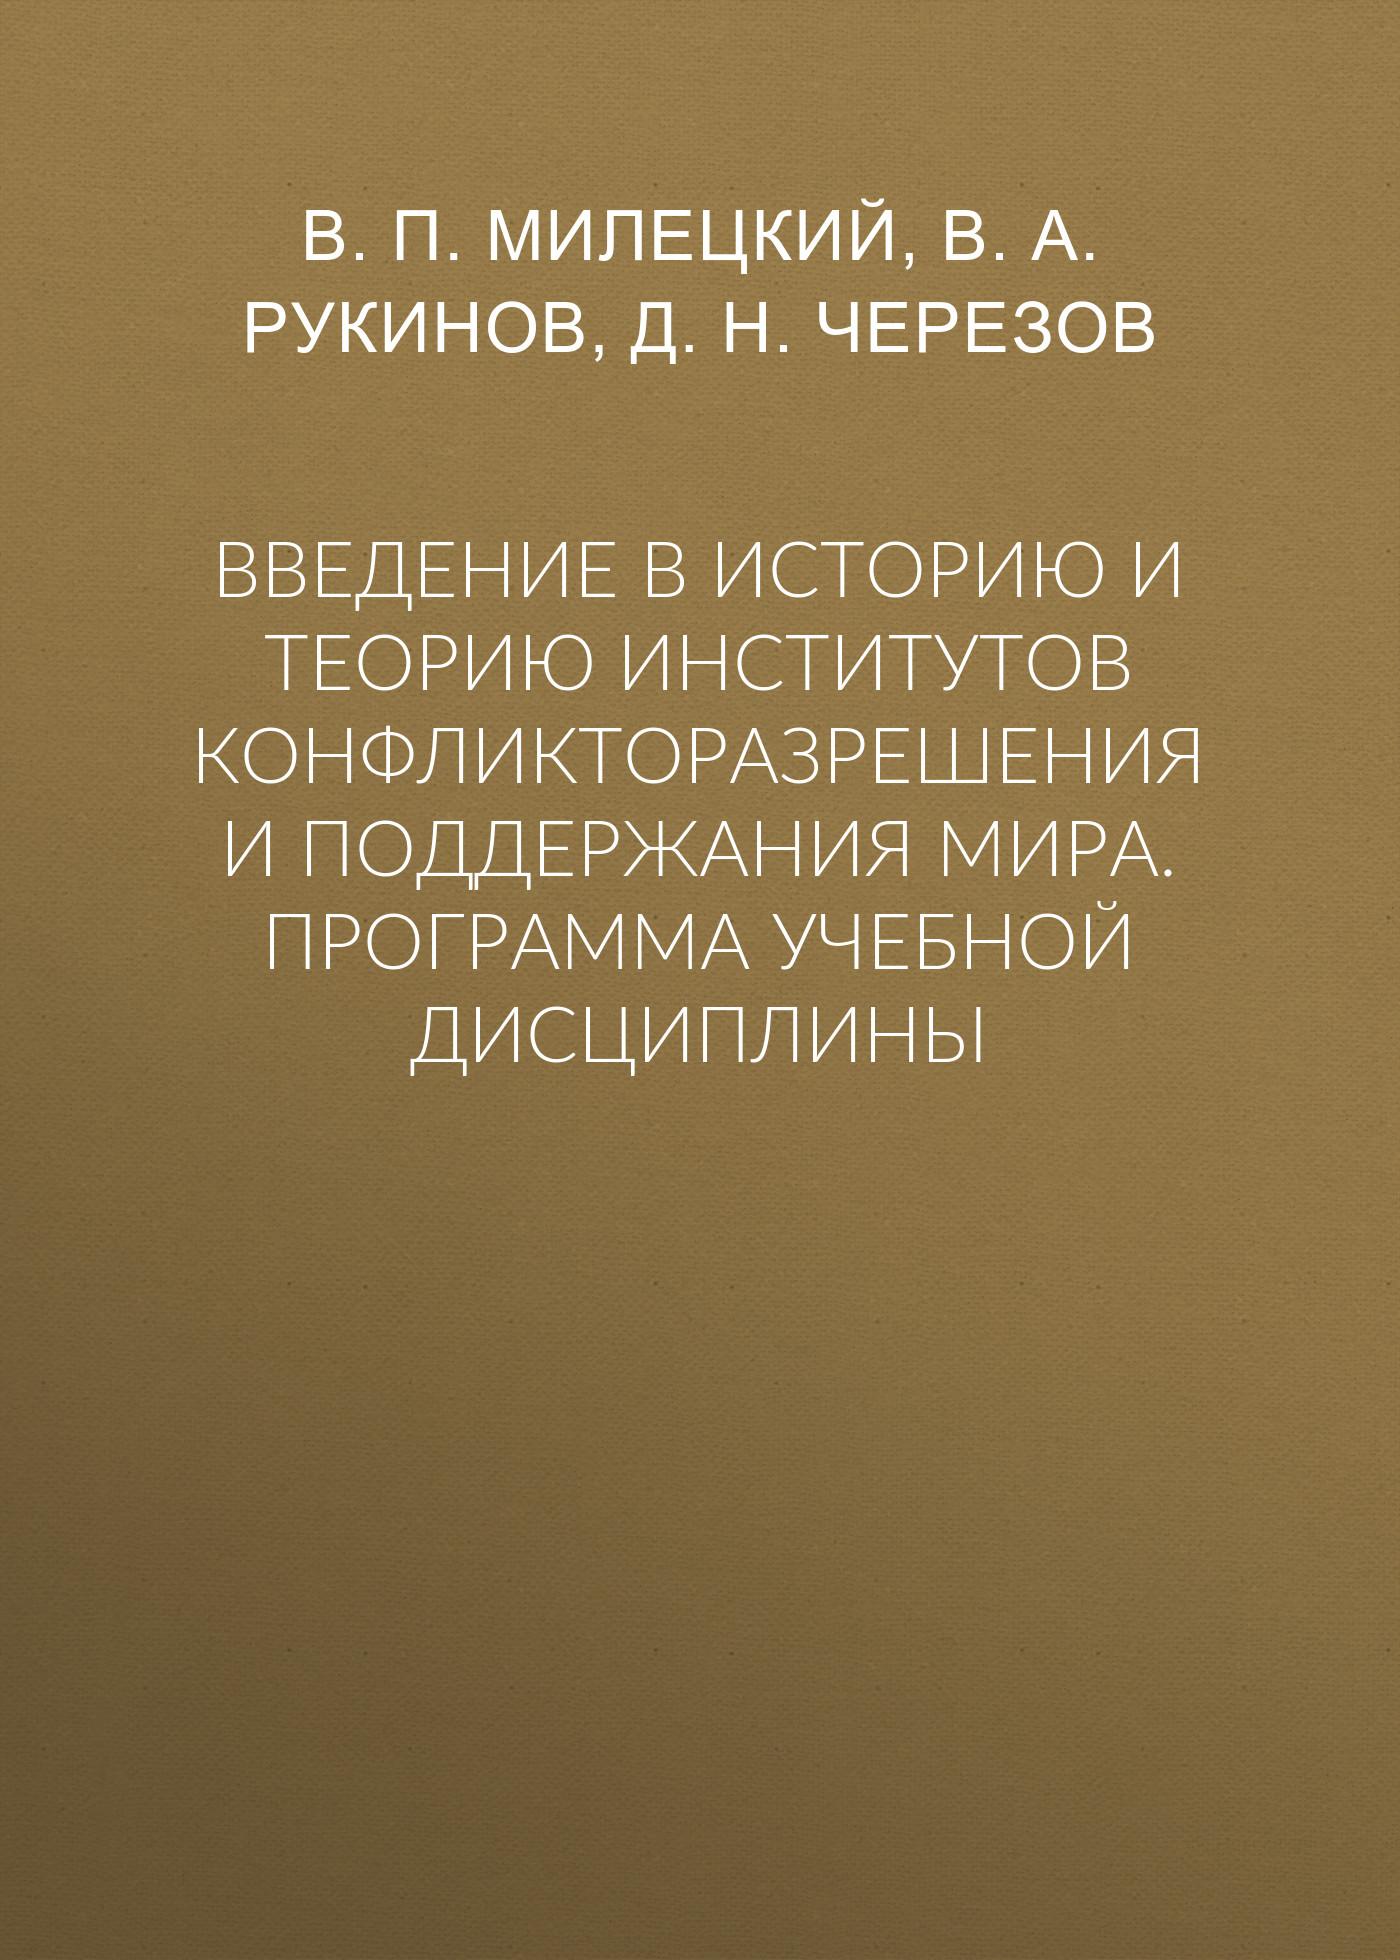 В. П. Милецкий Введение в историю и теорию институтов конфликторазрешения и поддержания мира. Программа учебной дисциплины в феллер введение в теорию вероятностей и ее приложения